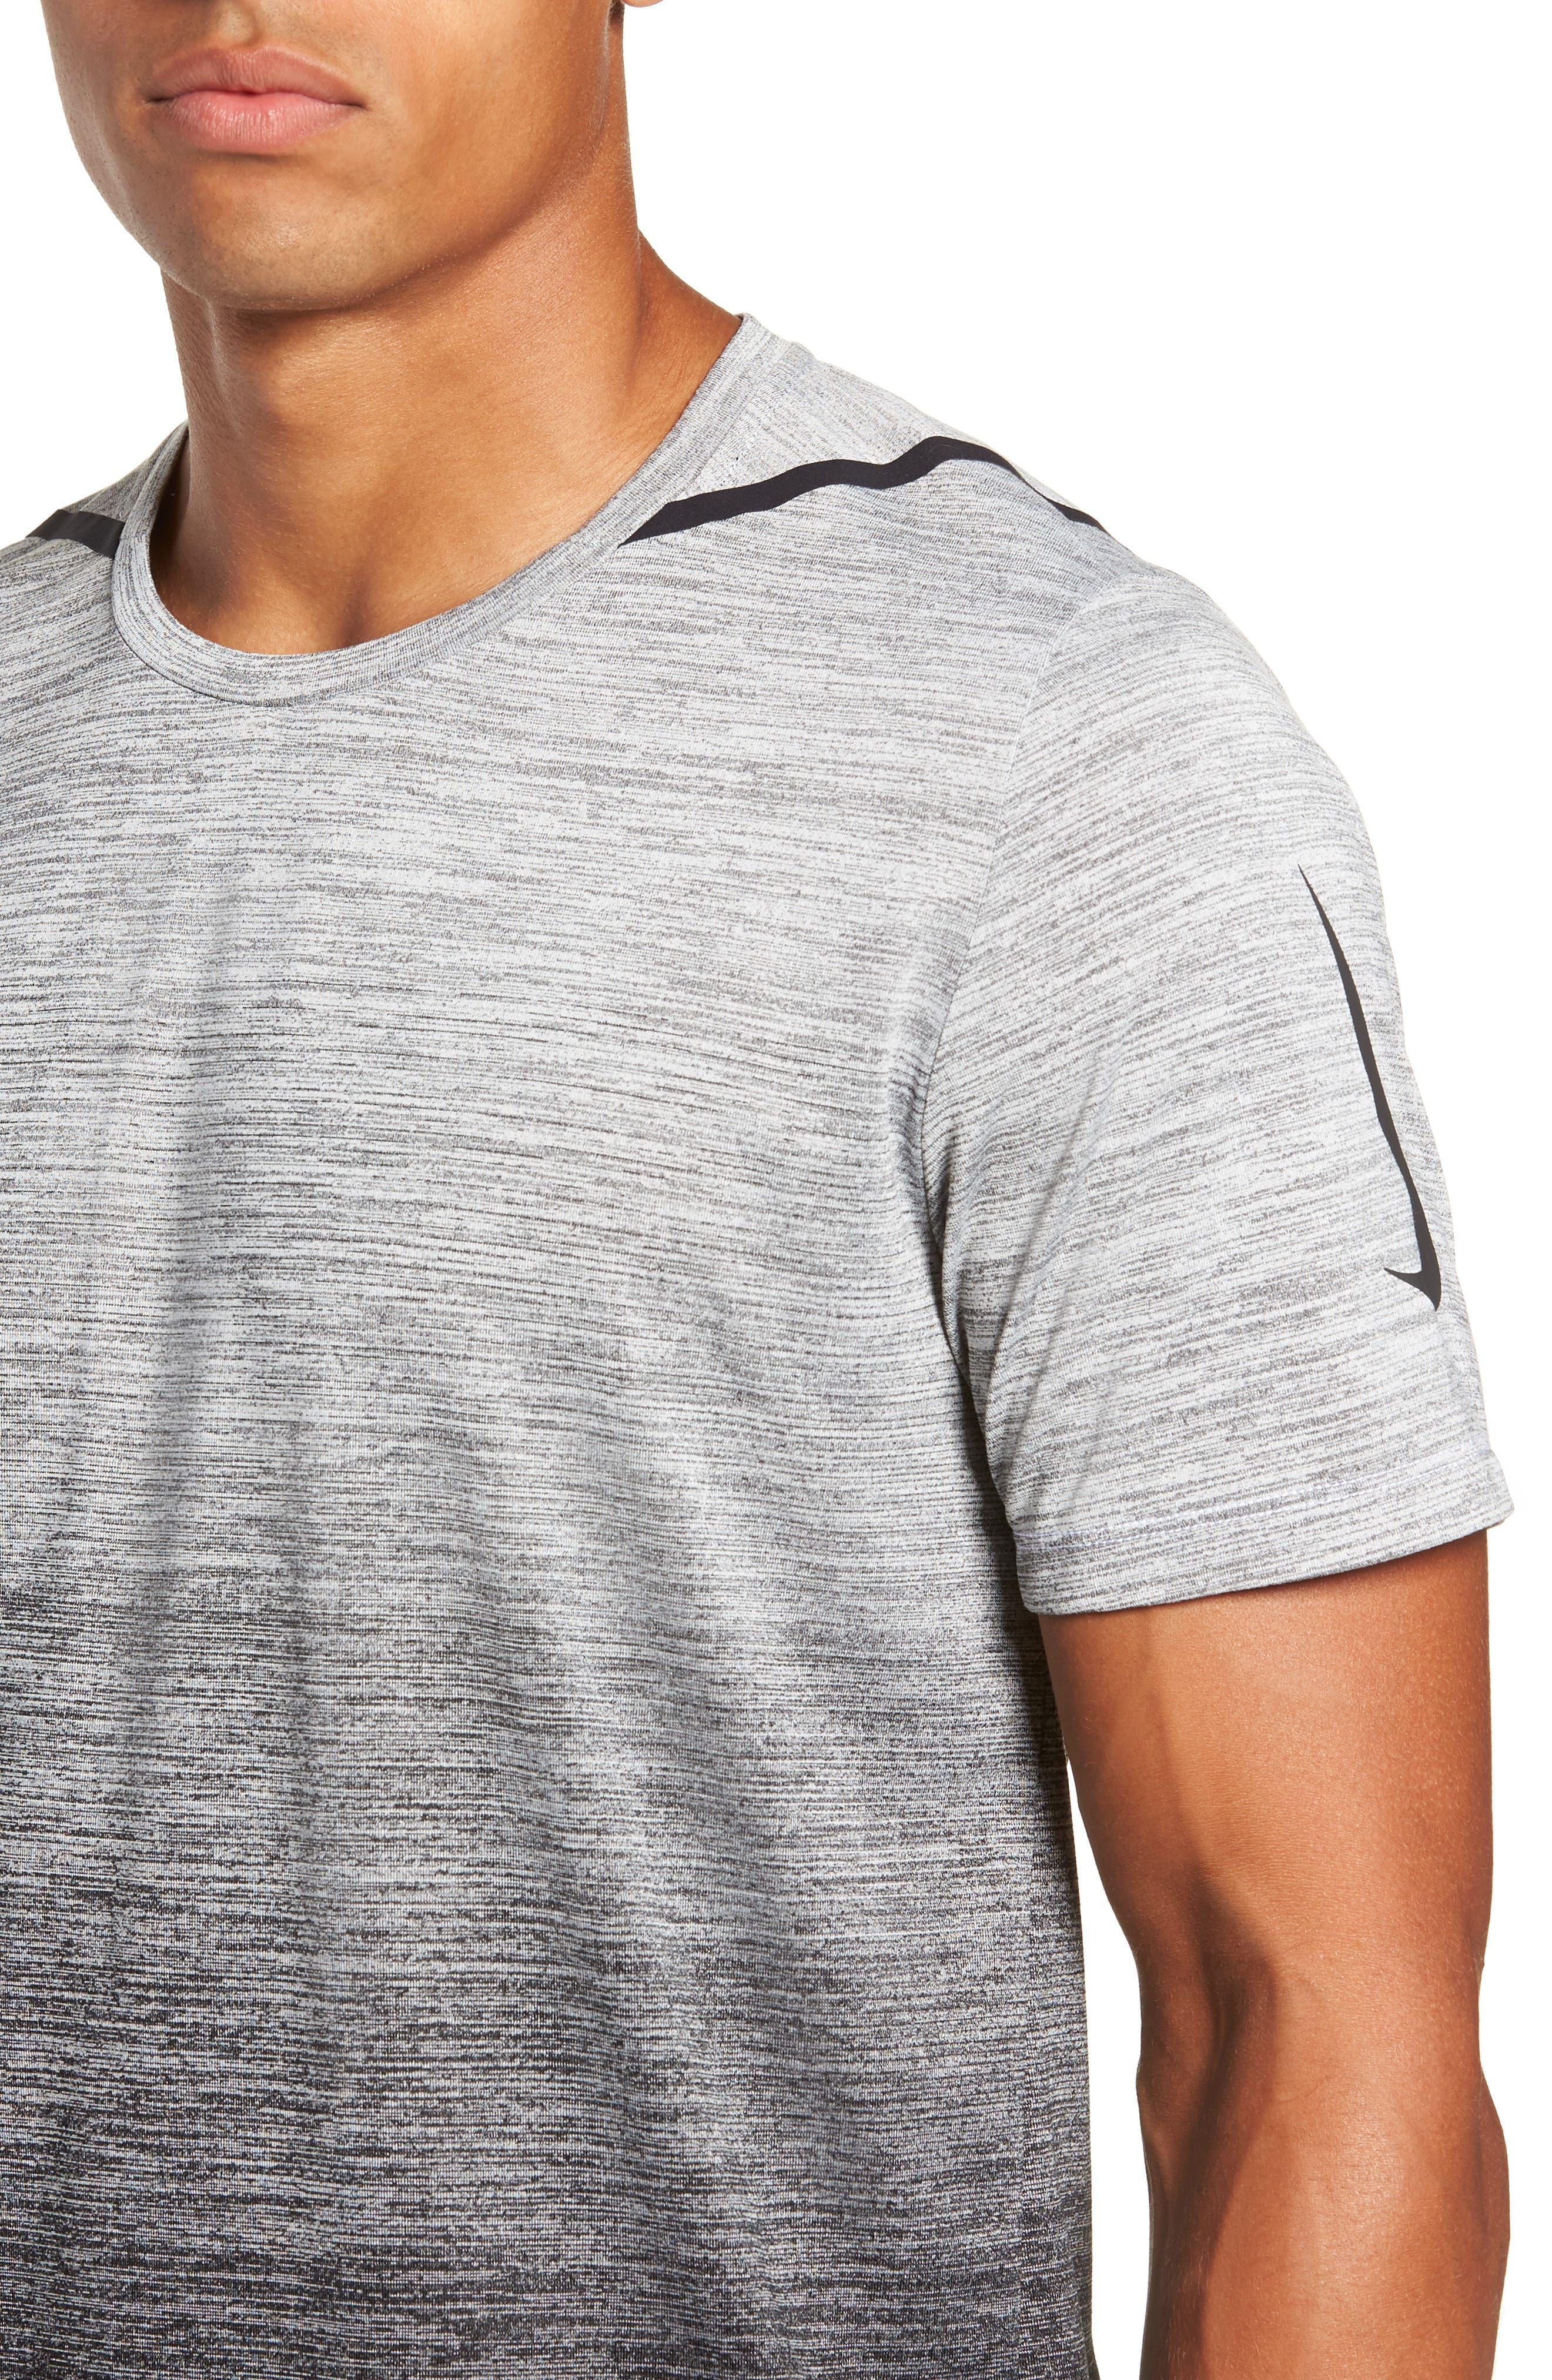 Dry Max Training T-Shirt,                             Alternate thumbnail 4, color,                             BLACK/ WHITE/ HYPER COBALT